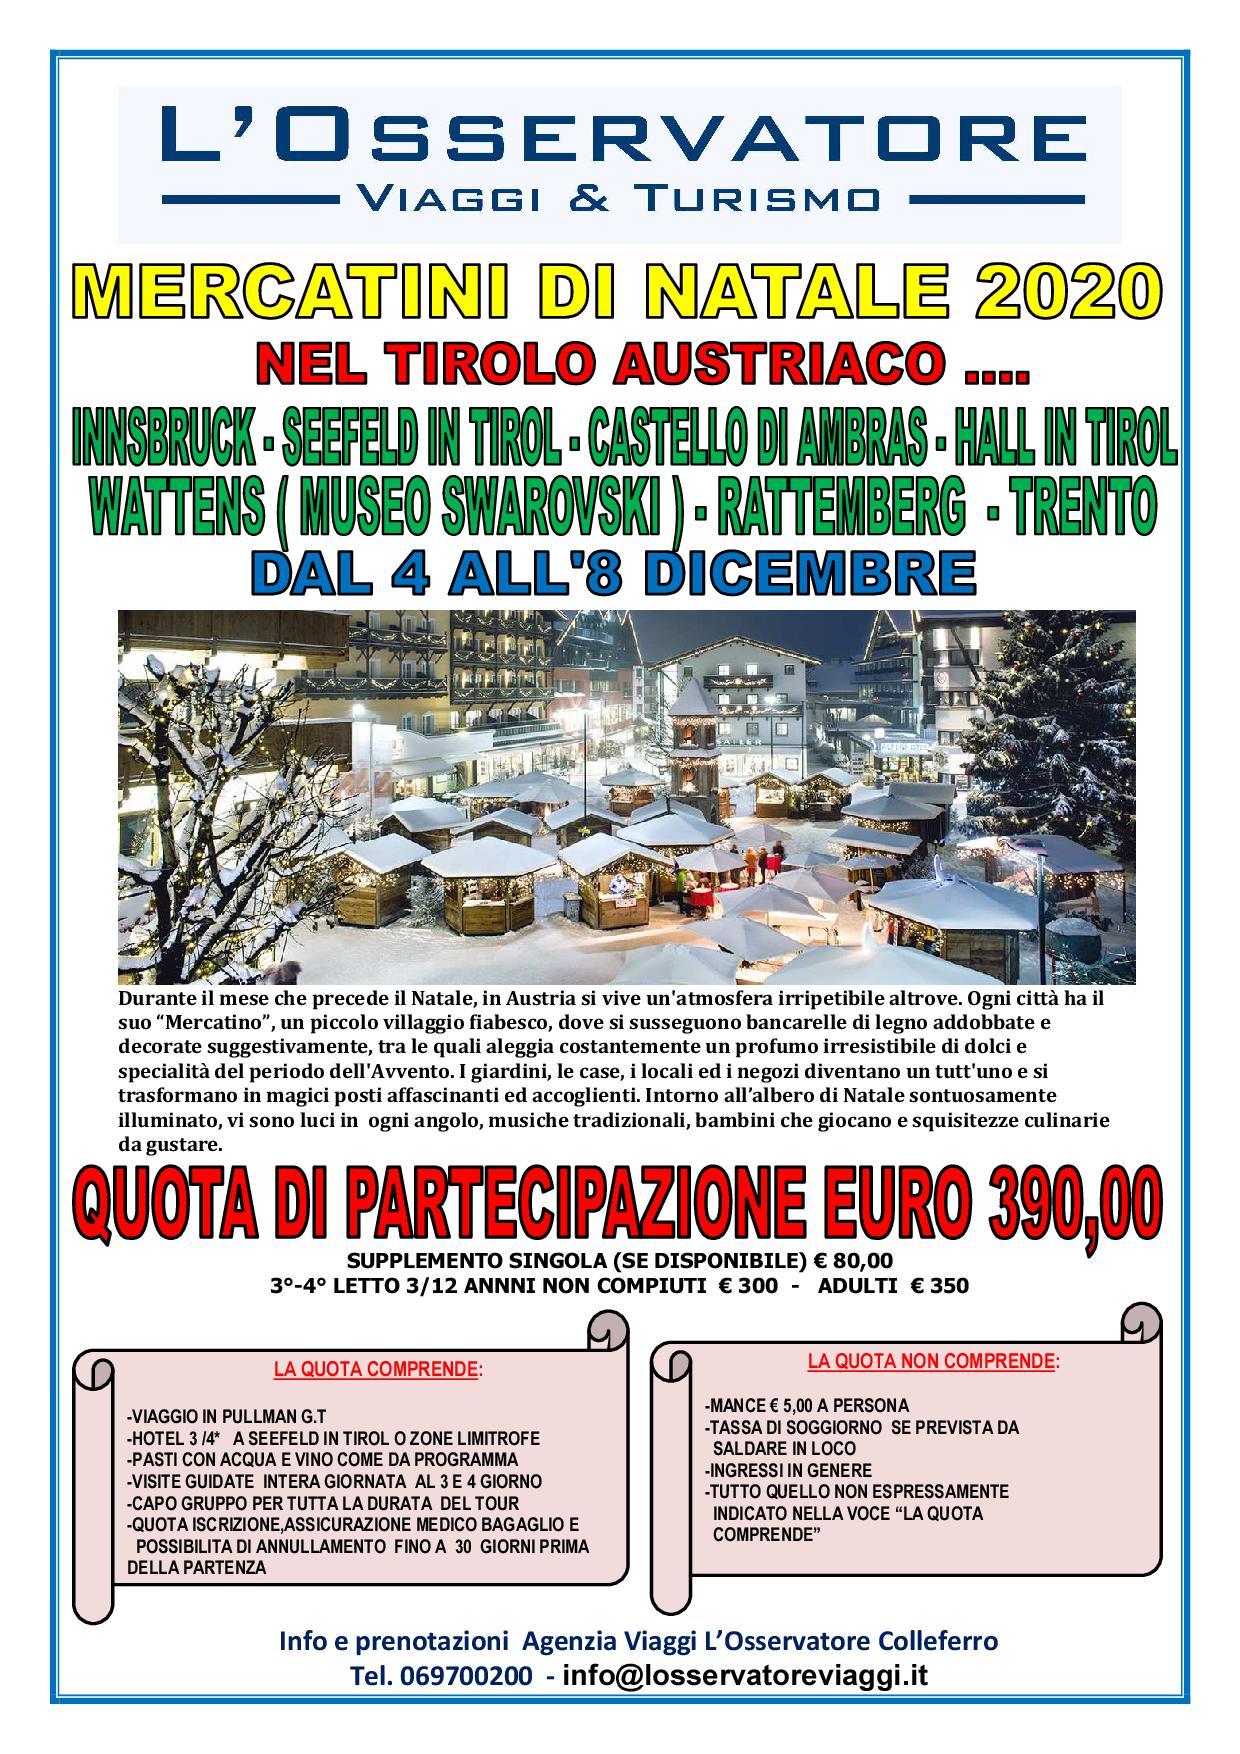 Mercatini In Tirolo